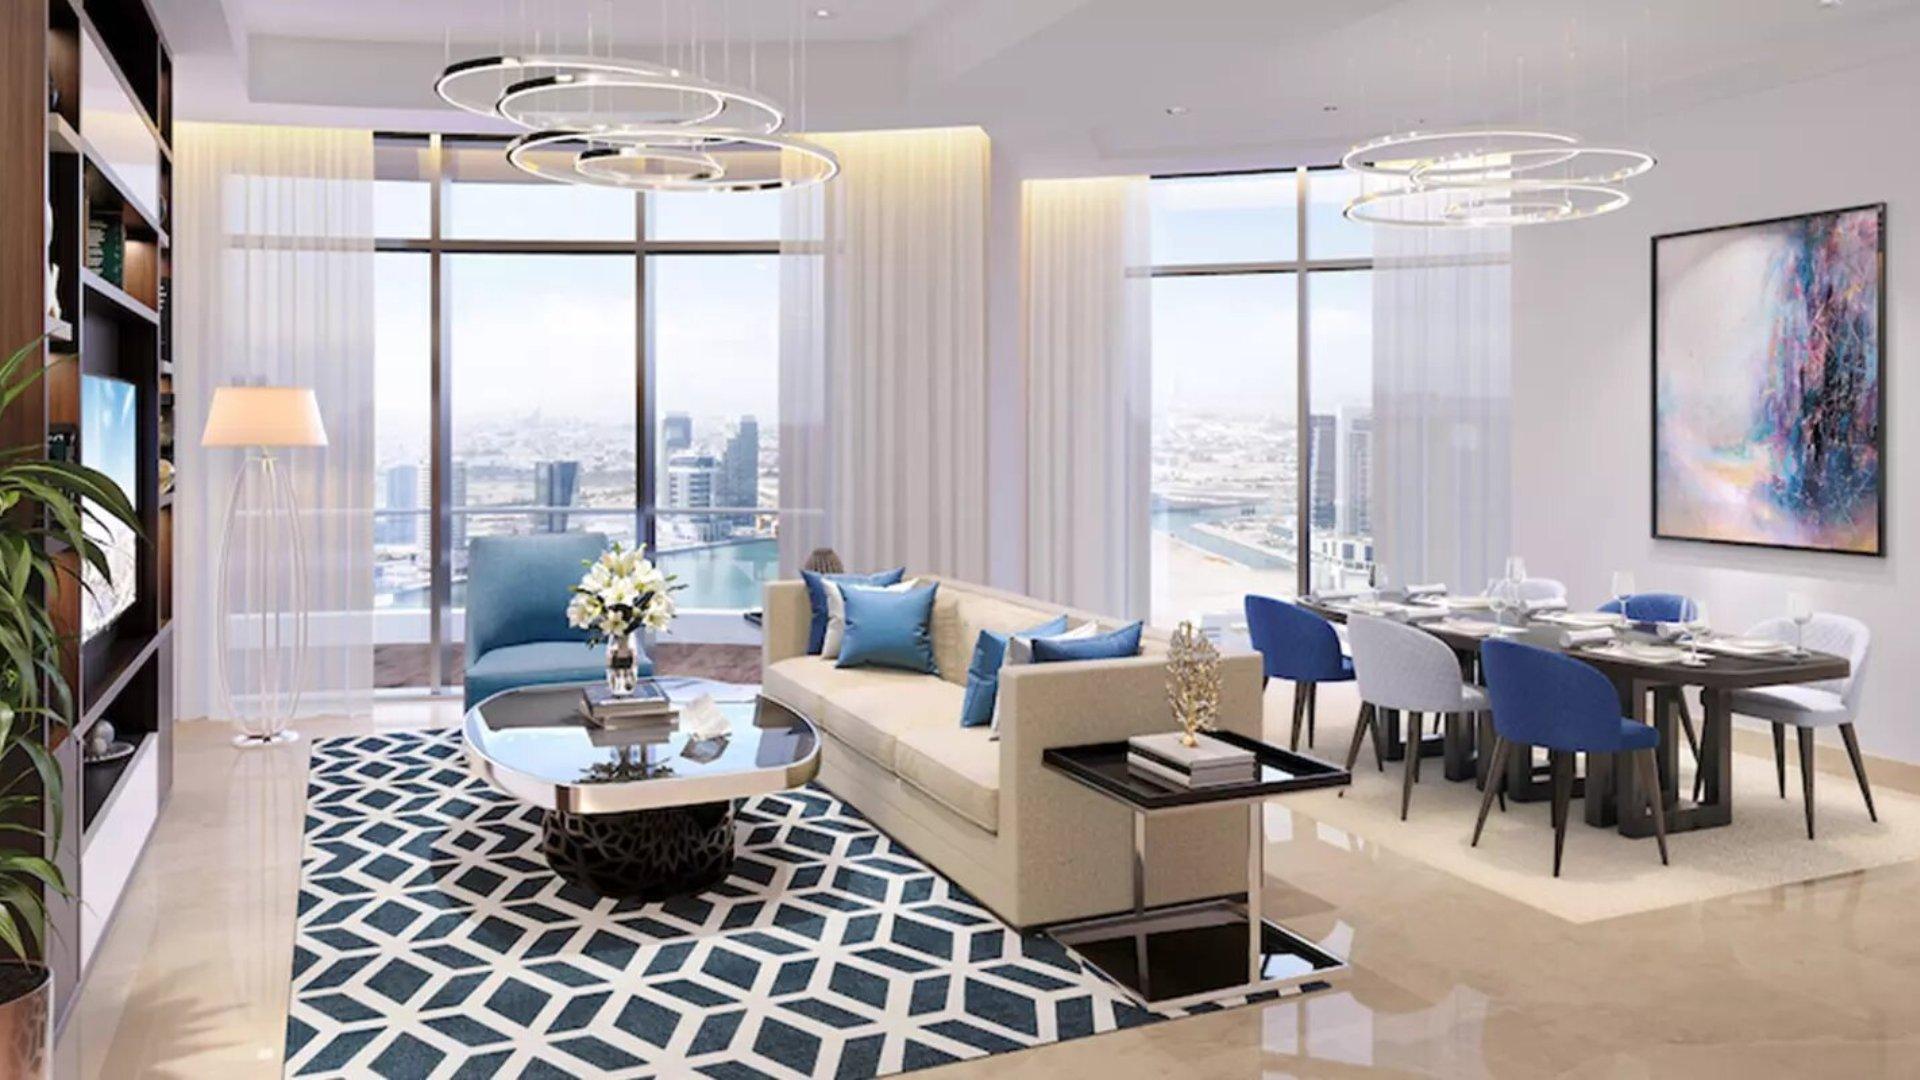 Ático en venta en Dubai, EAU, 5 dormitorios, 543 m2, № 24365 – foto 1